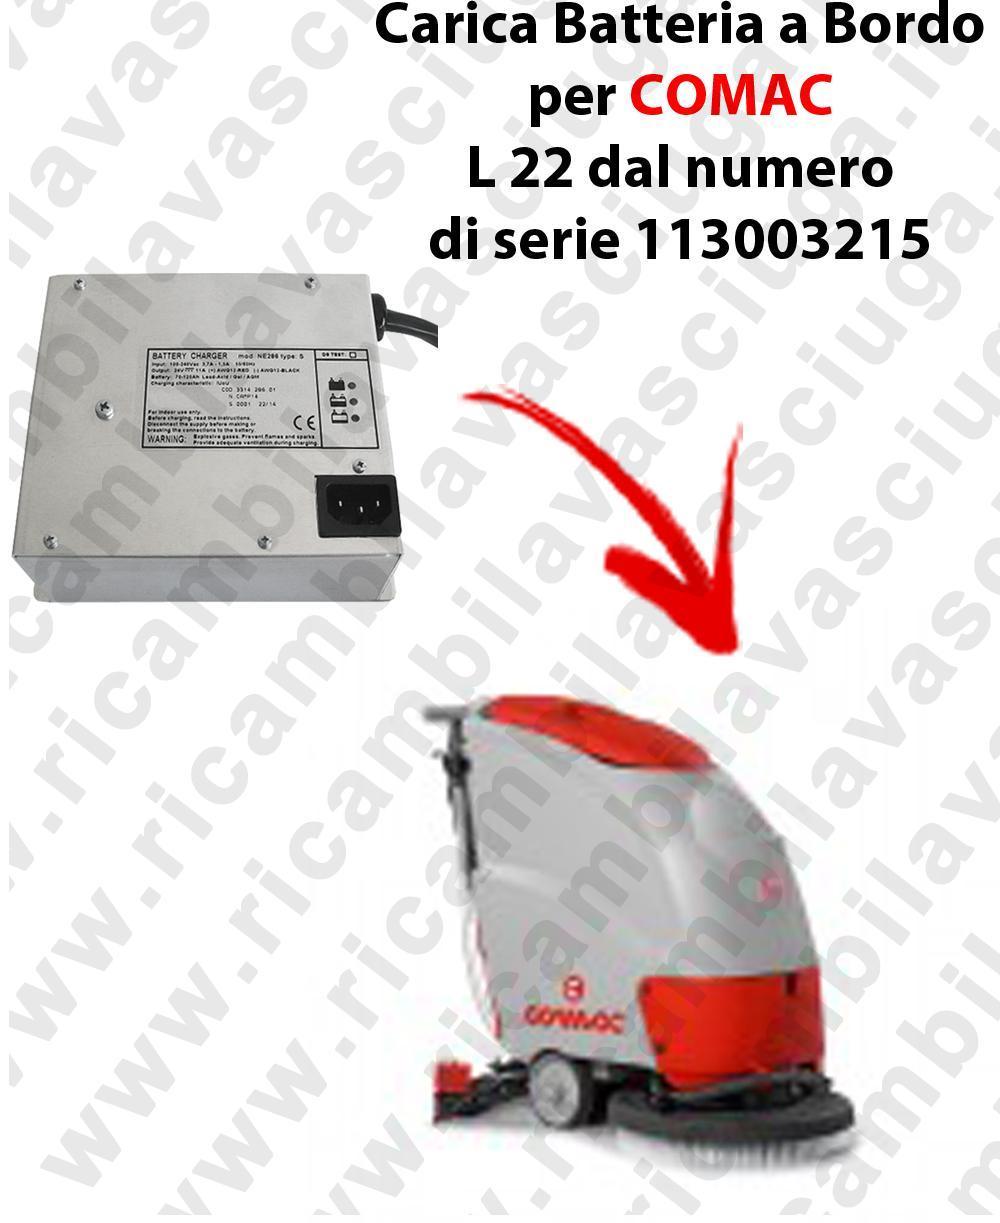 Carica Batteria a Bordo para fregadora COMAC L 22 dal numero di serie 113003215